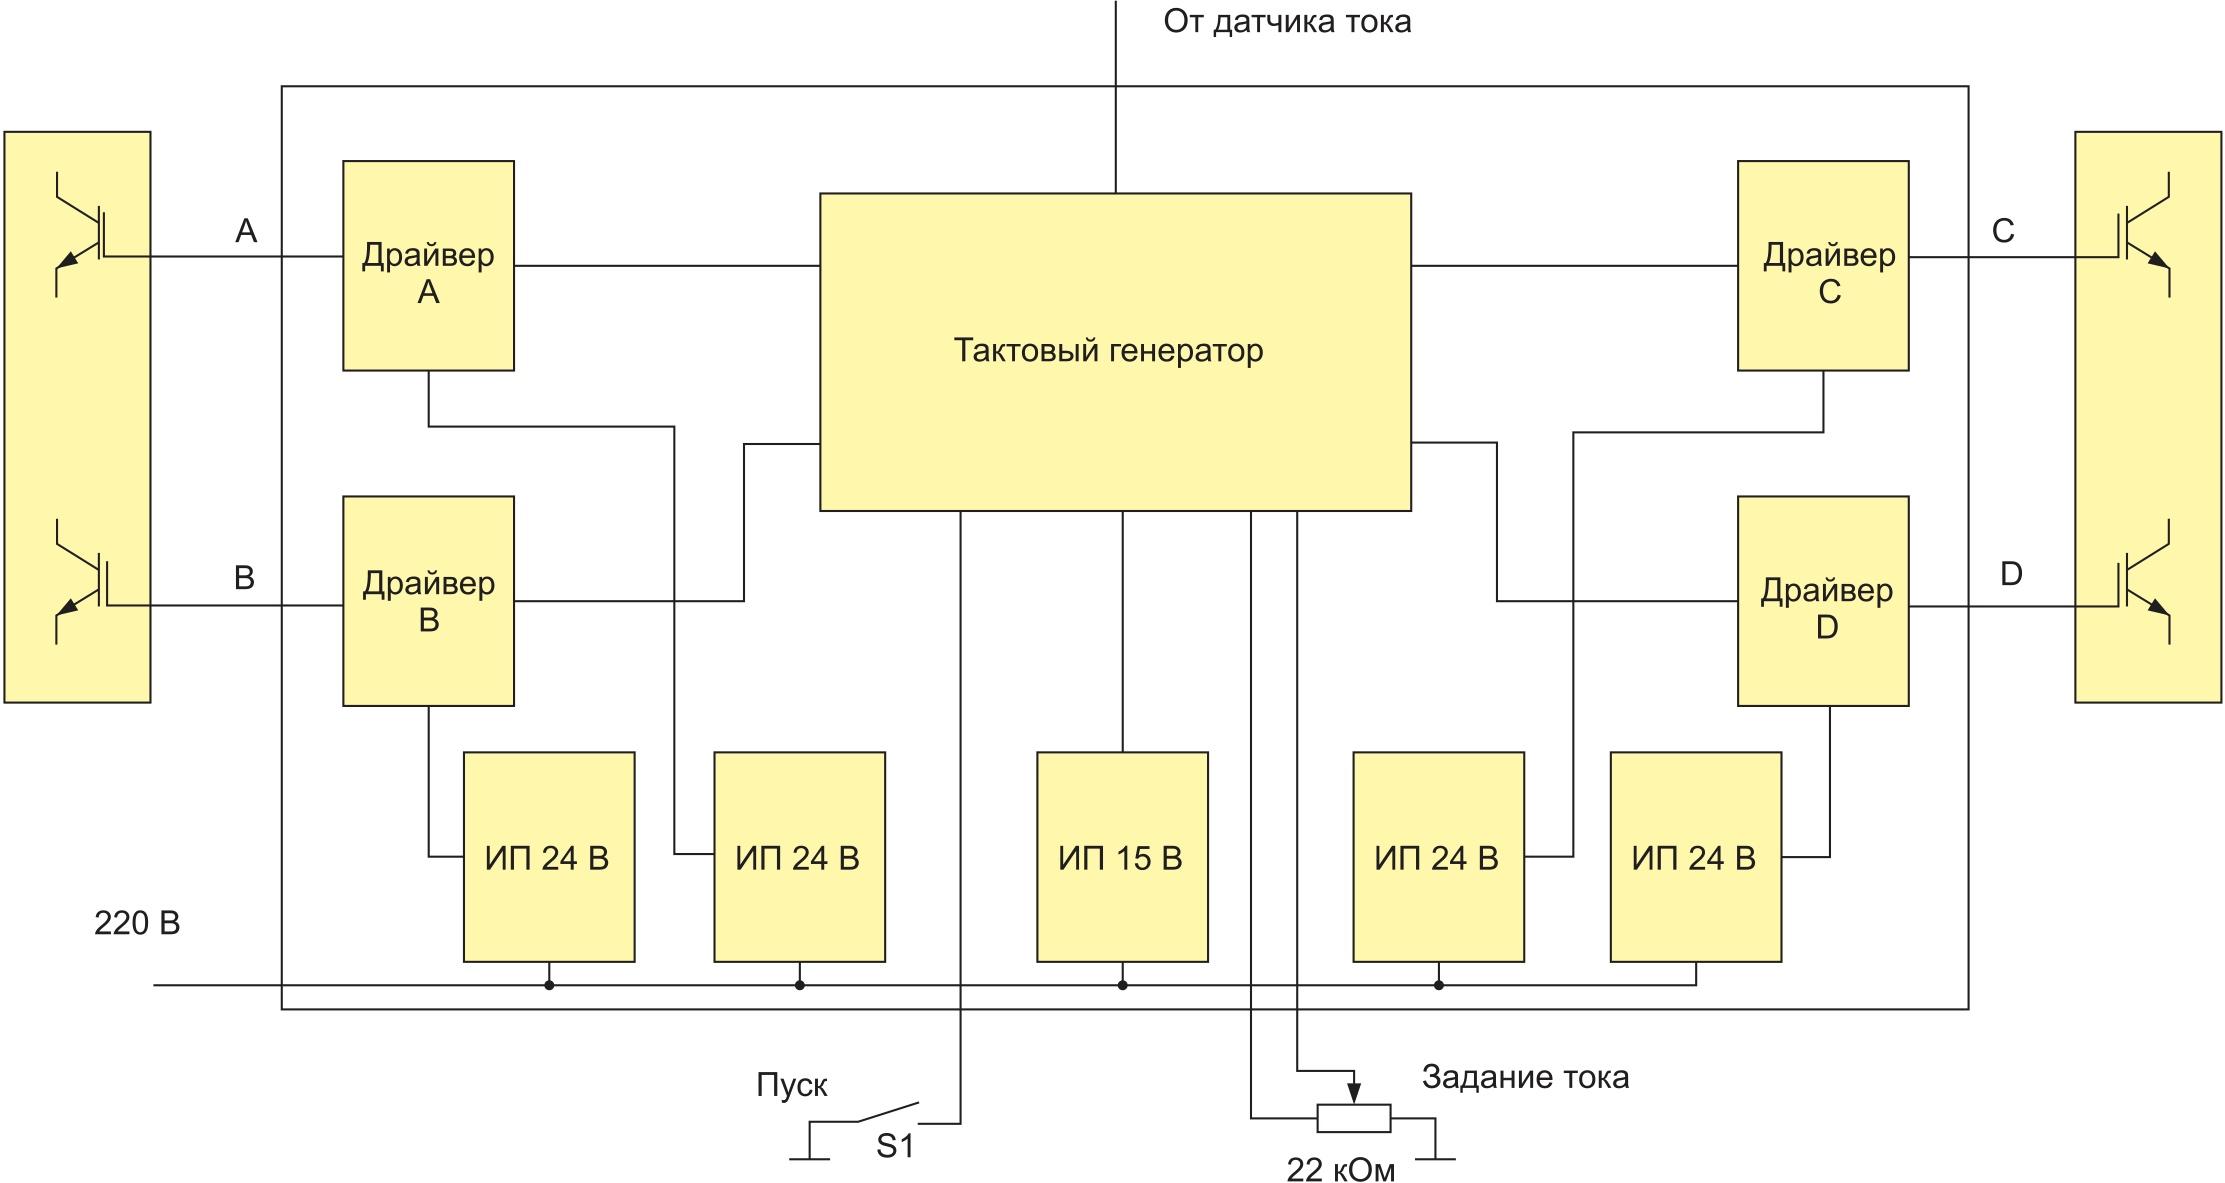 Структурная схема МФИУ-4